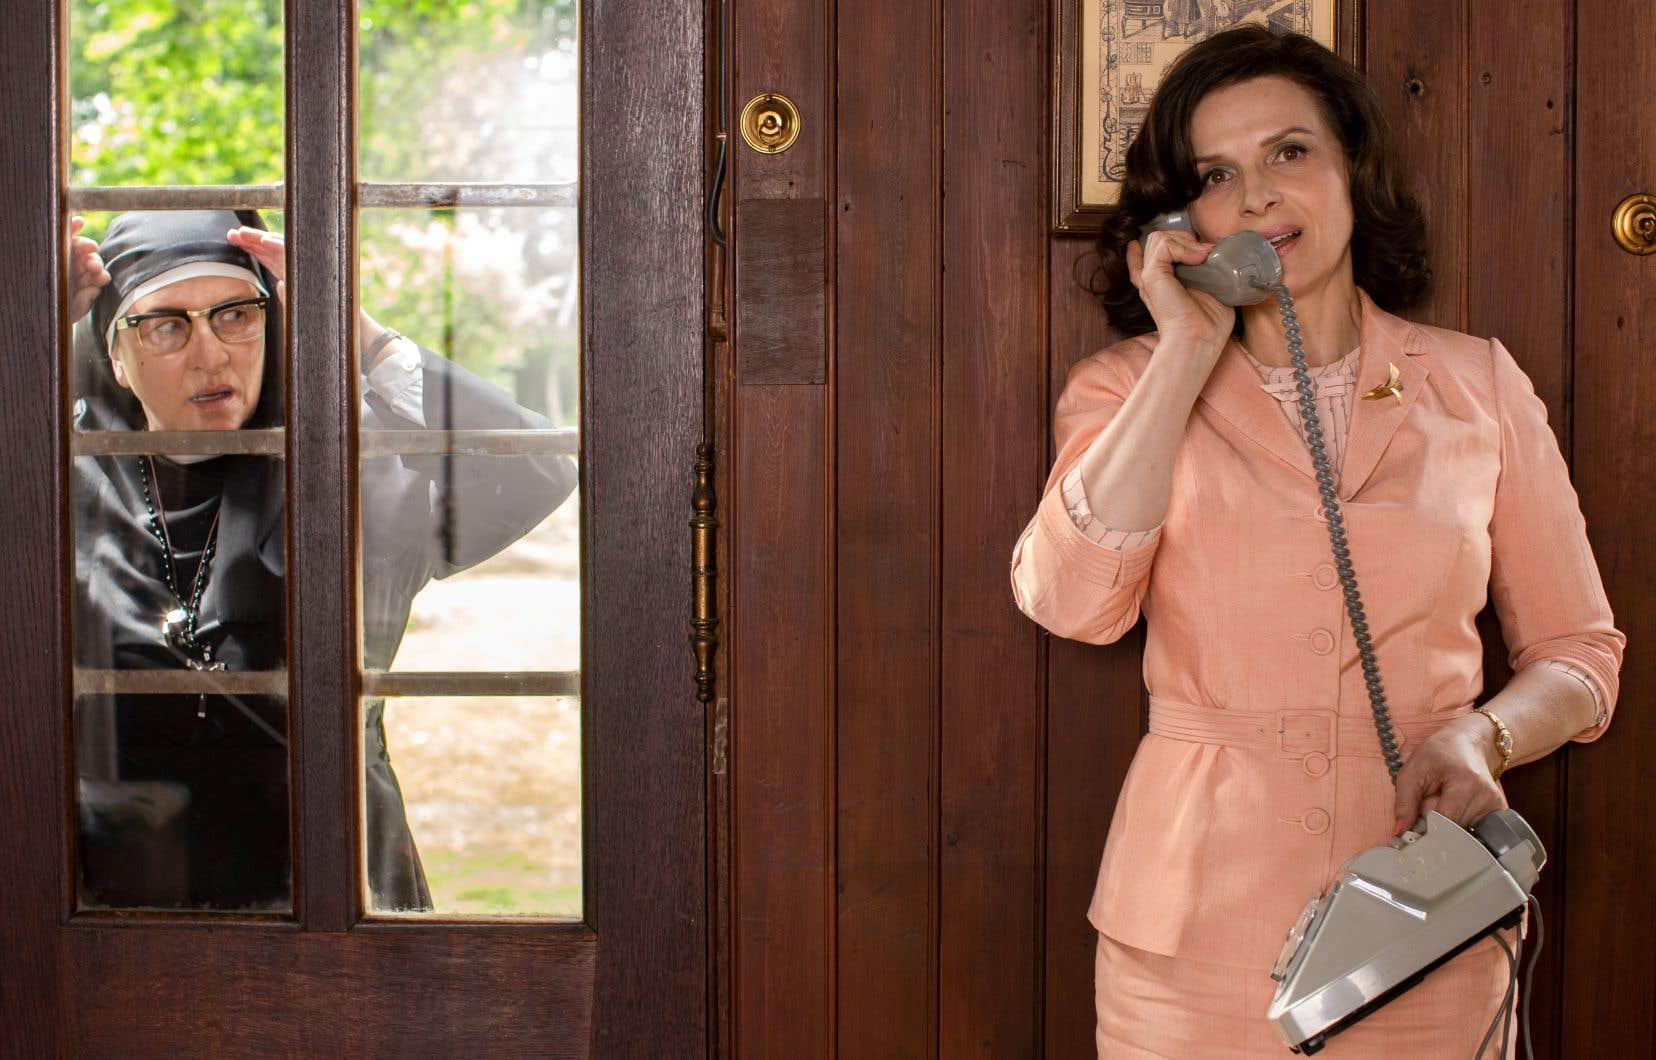 Juliette Binoche tient le premier rôle: celui d'une épouse modèle, Paulette Van Der Beck, qui dirige en Alsace une école ménagère où l'on enseigne aux filles à bien tenir leur foyer, aux côtés d'une religieuse ex-résistante, Noémie Lvovsky.